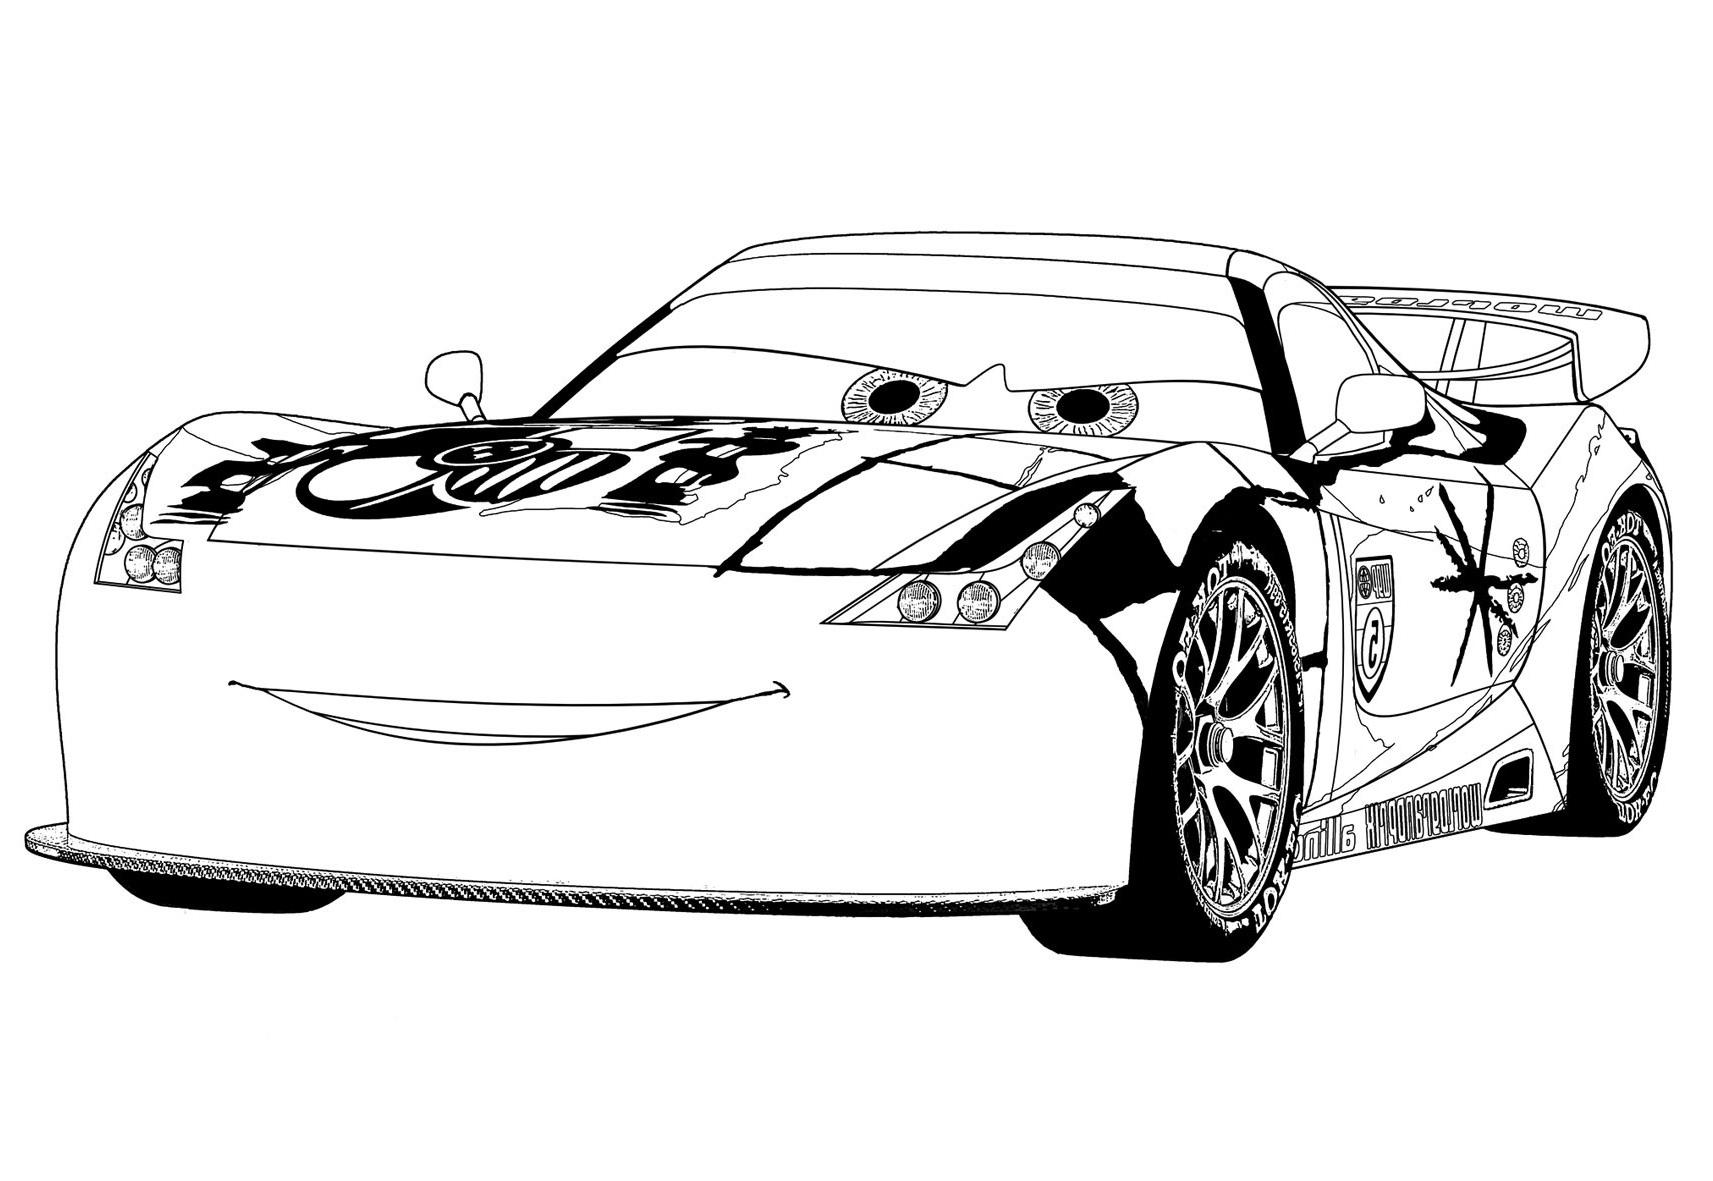 Gratis Malvorlagen Cars Zum Ausdrucken | My blog